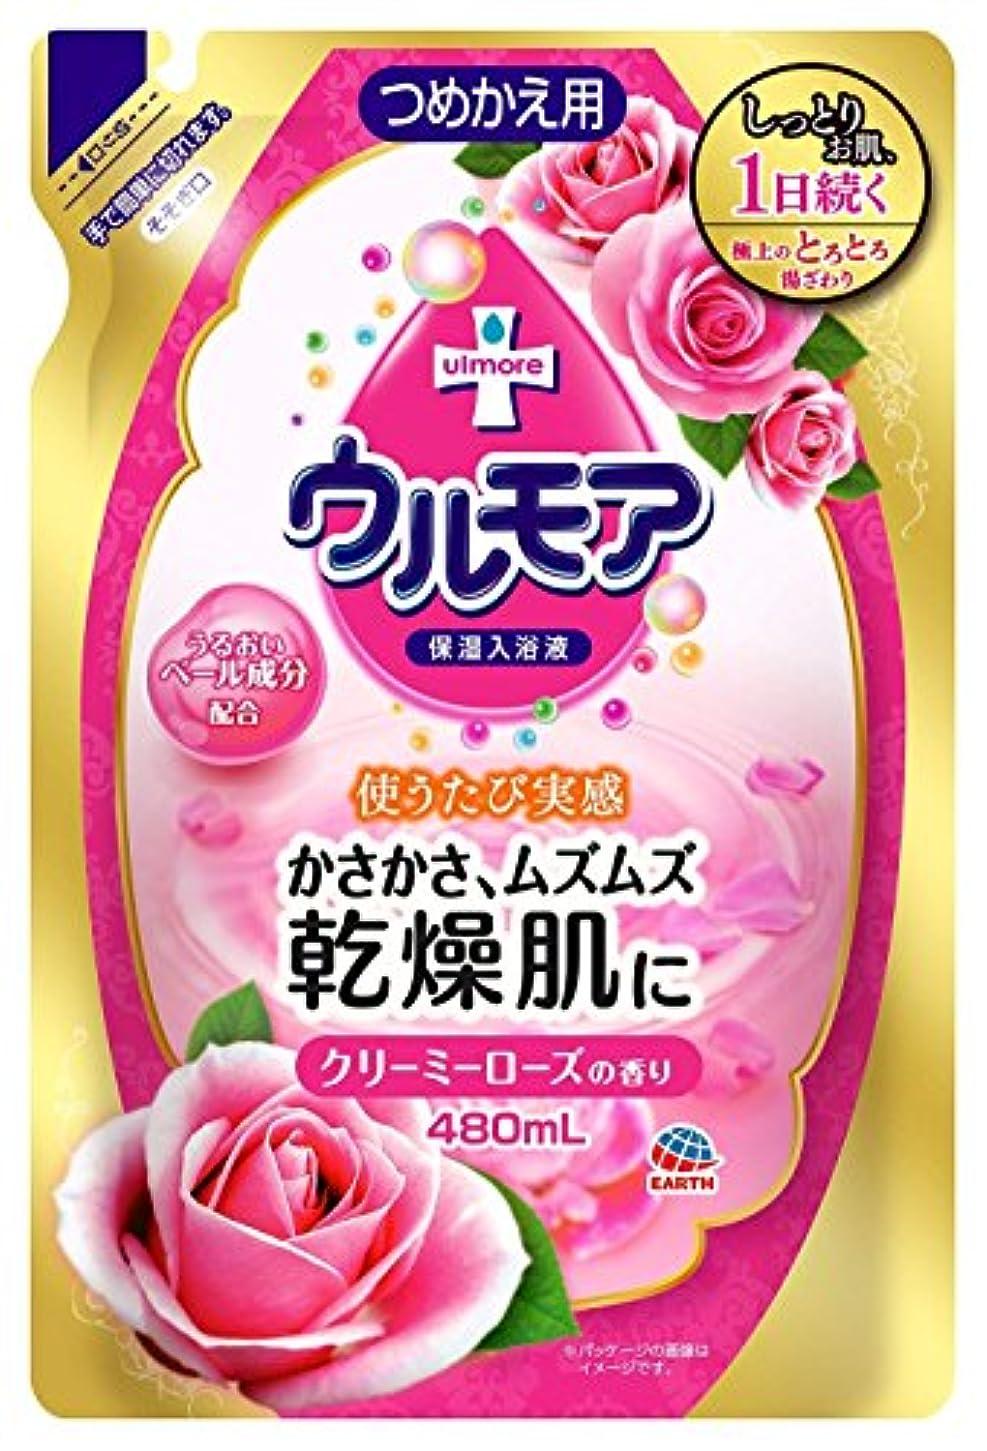 正確さ偽善に沿って【アース製薬】保湿入浴液ウルモアクリーミーローズの香り 詰替え用 480ml ×3個セット